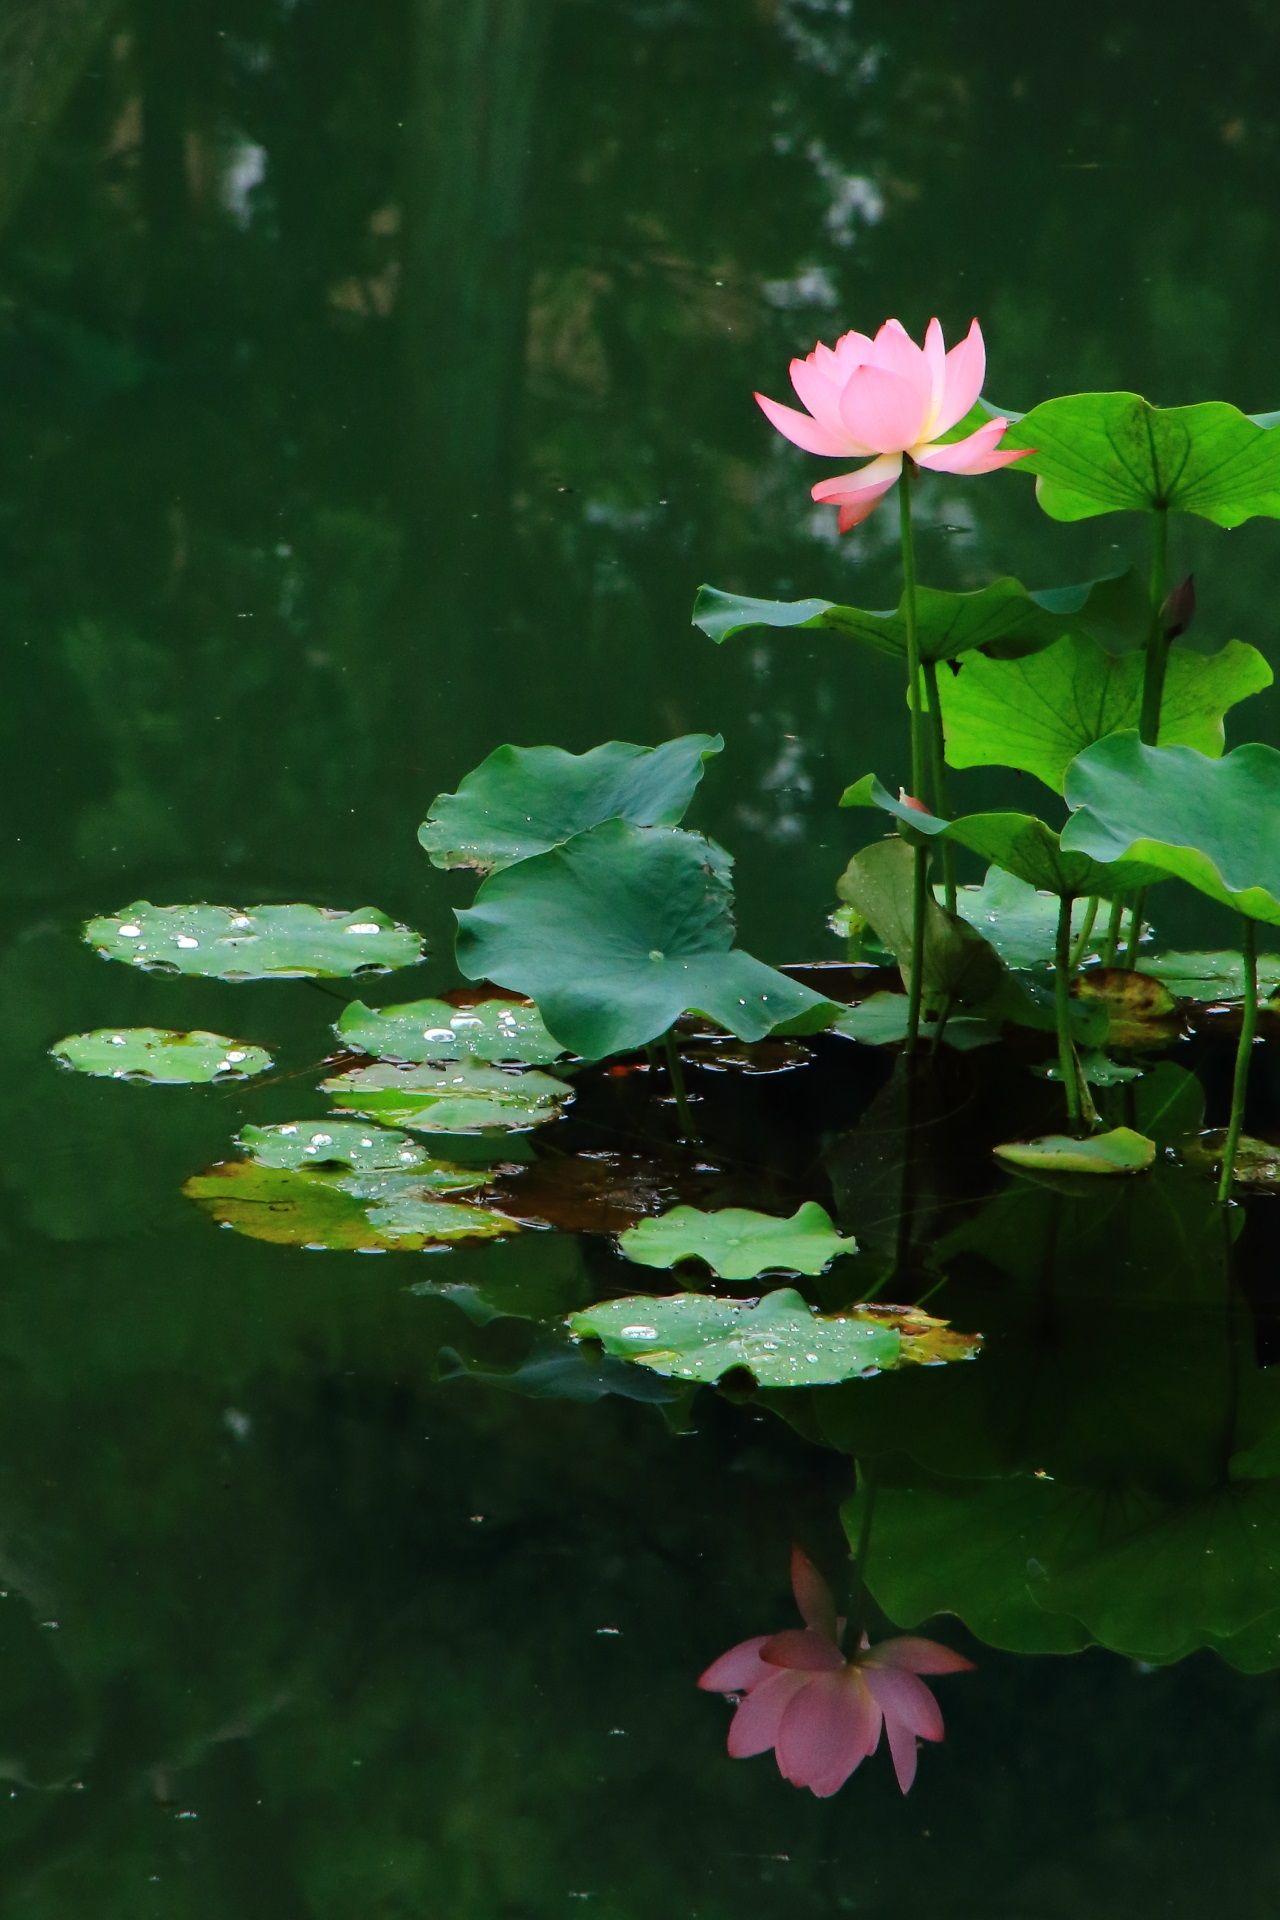 Kyoto おしゃれまとめの人気アイデア Pinterest 京都もよう Kyoto Moyou 蓮の花 美しい花 睡蓮 花